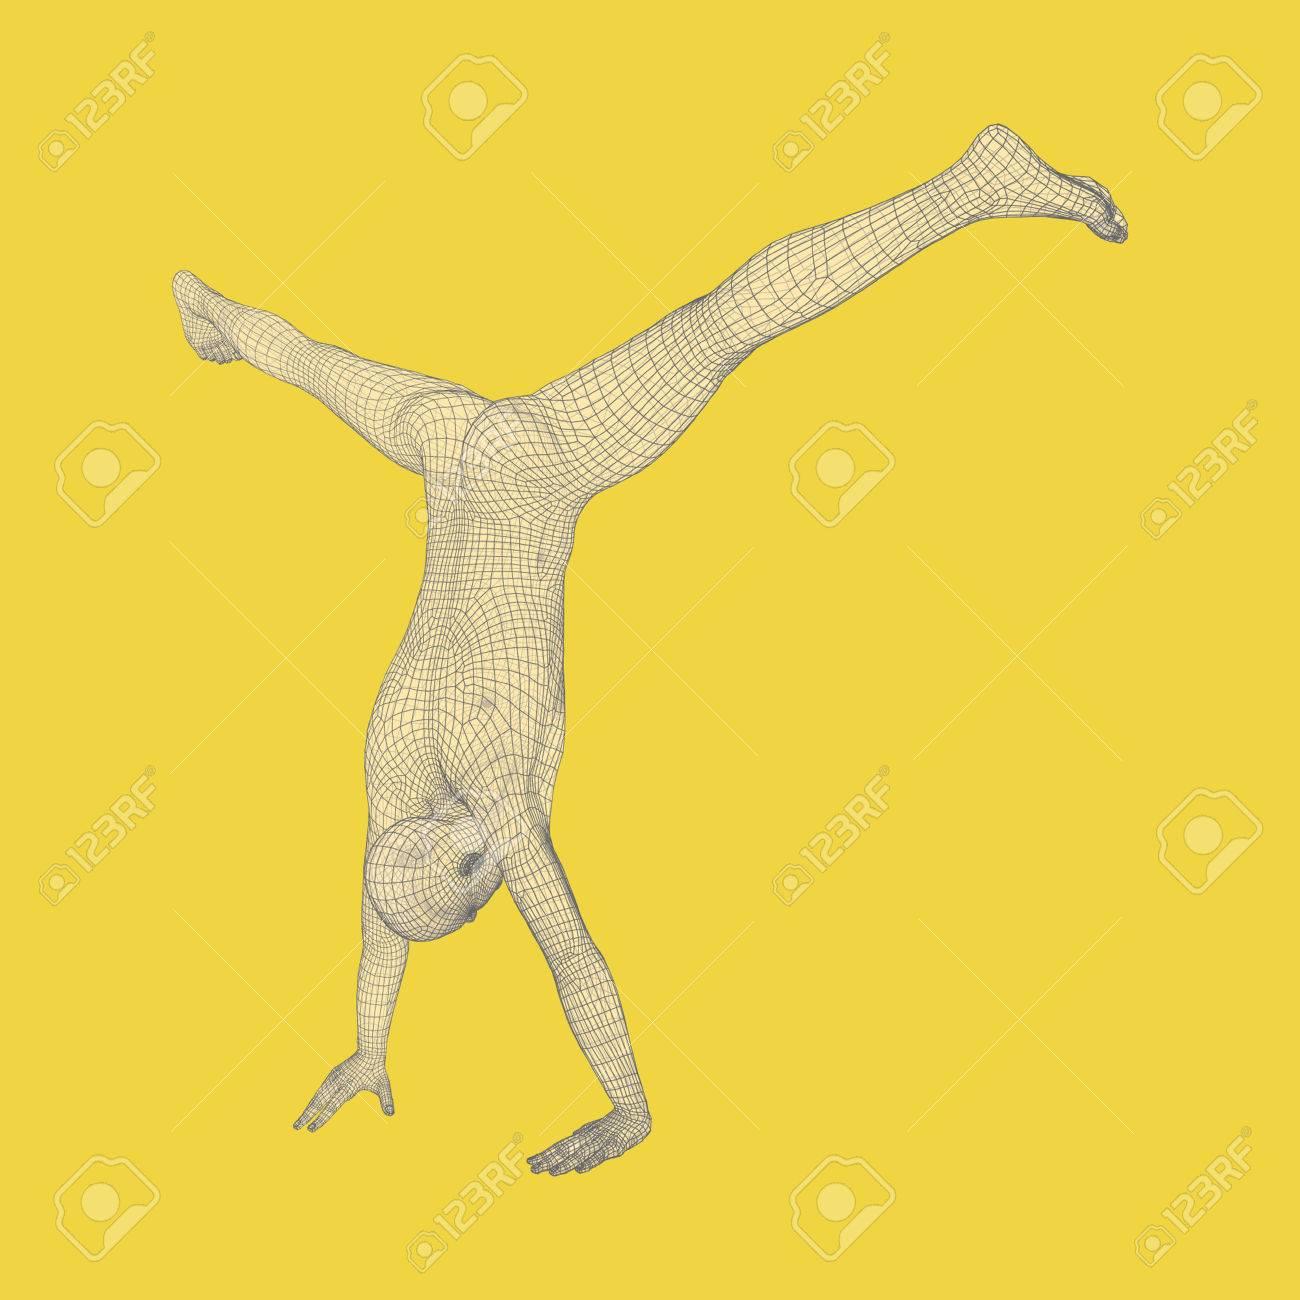 Gymnaste. Modèle 3D de l homme. Modèle de corps humain. Activités de  gymnastique pour la santé des icônes et la forme physique. 6428950e9a1